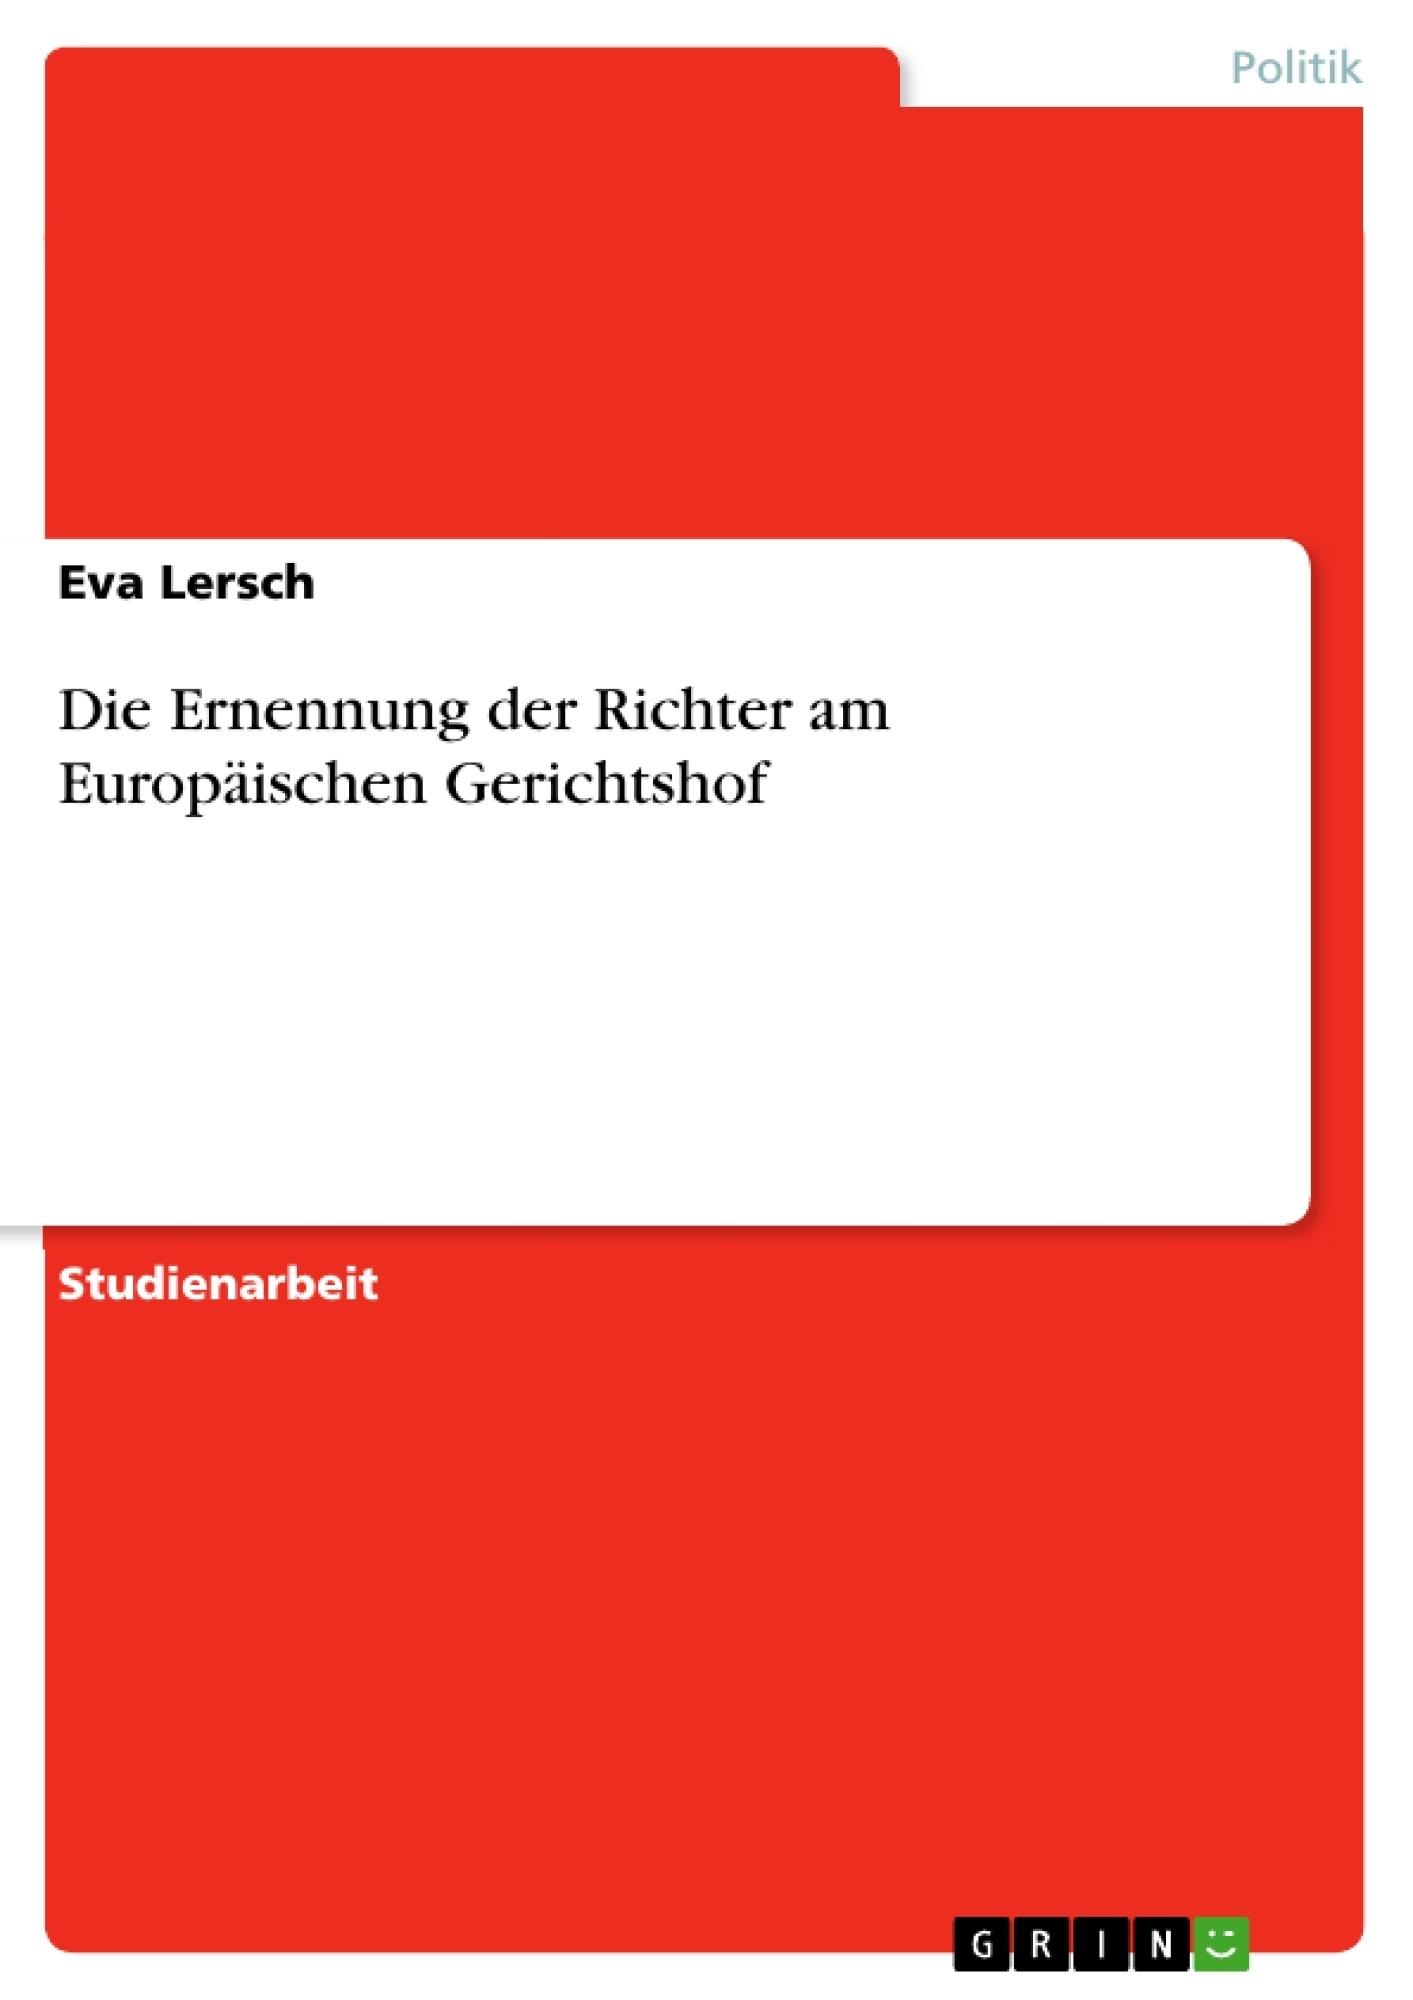 Titel: Die Ernennung der Richter am Europäischen Gerichtshof